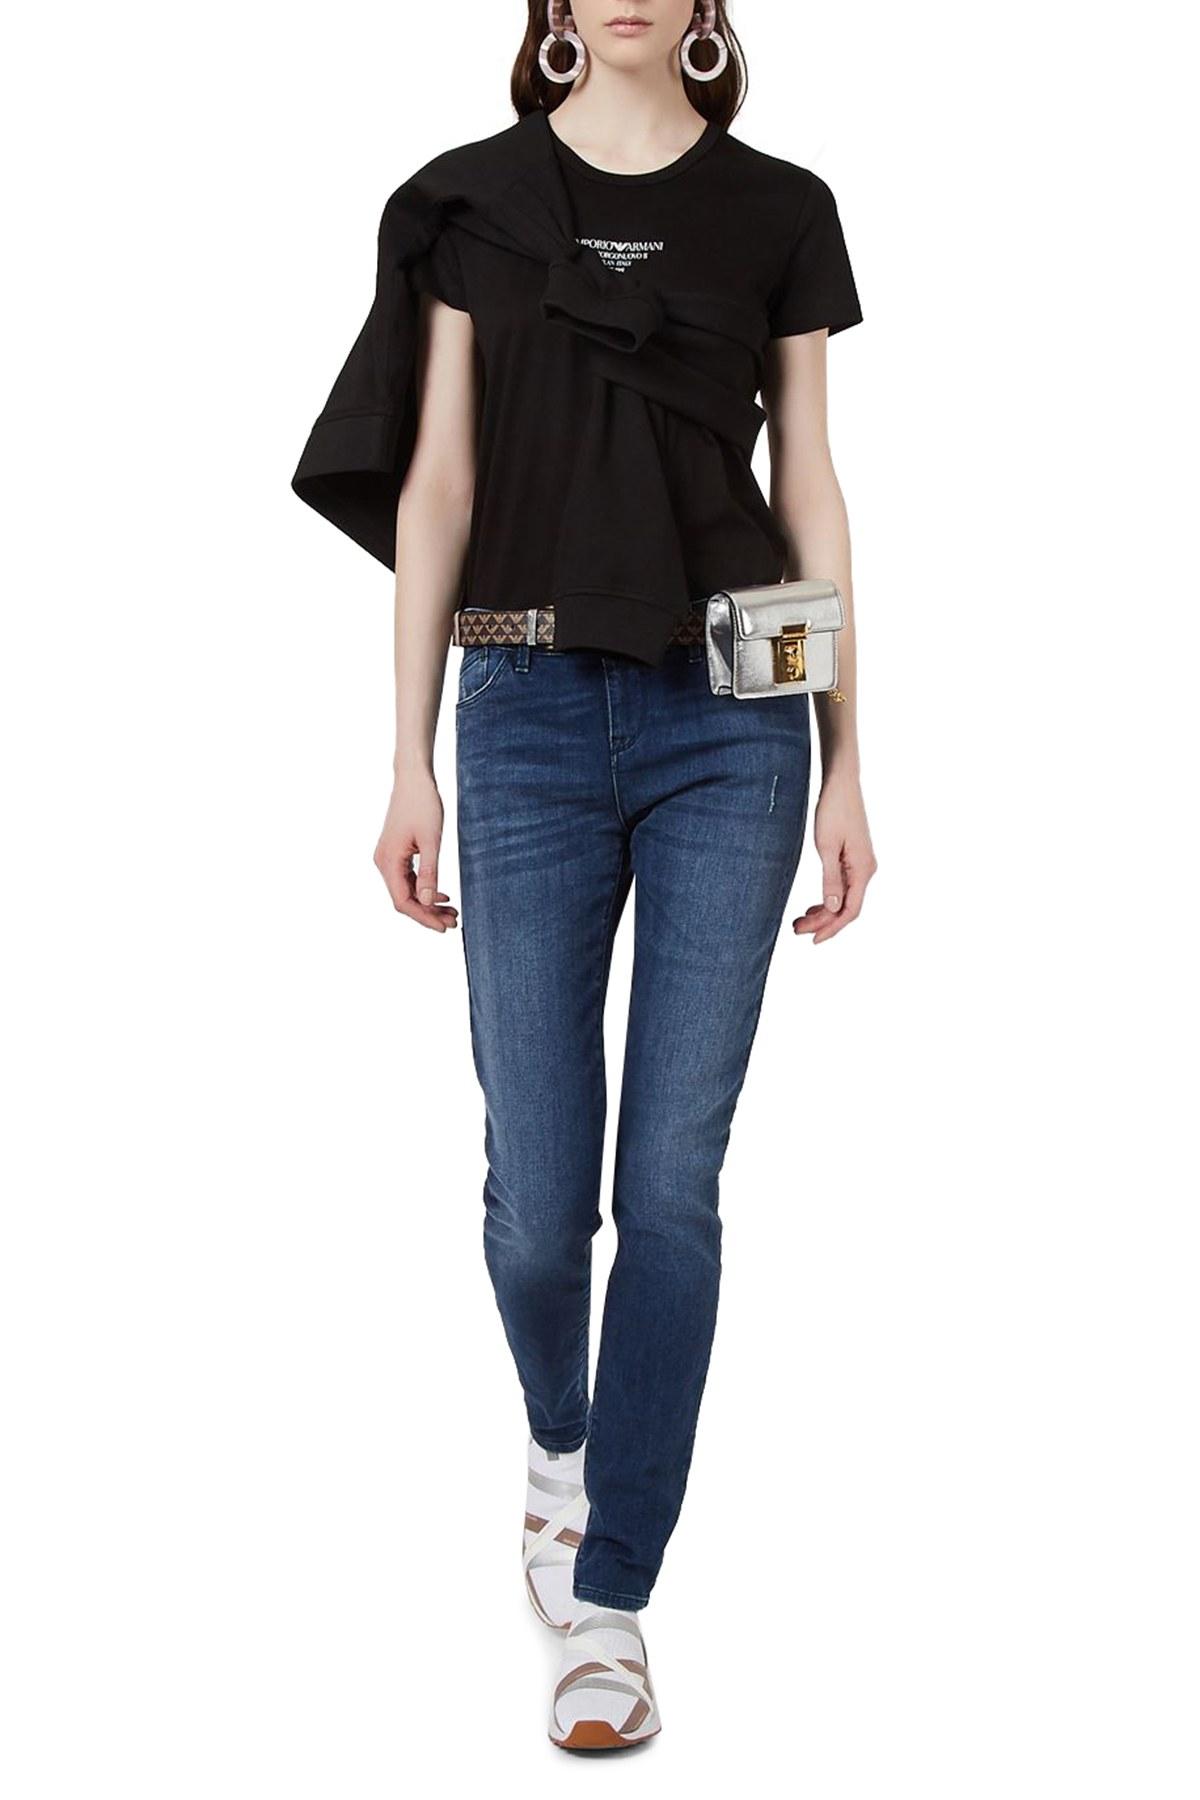 Emporio Armani Yüksek Bel Pamuklu J23 Jeans Bayan Kot Pantolon 3K2J23 2DD9Z 0941 LACİVERT